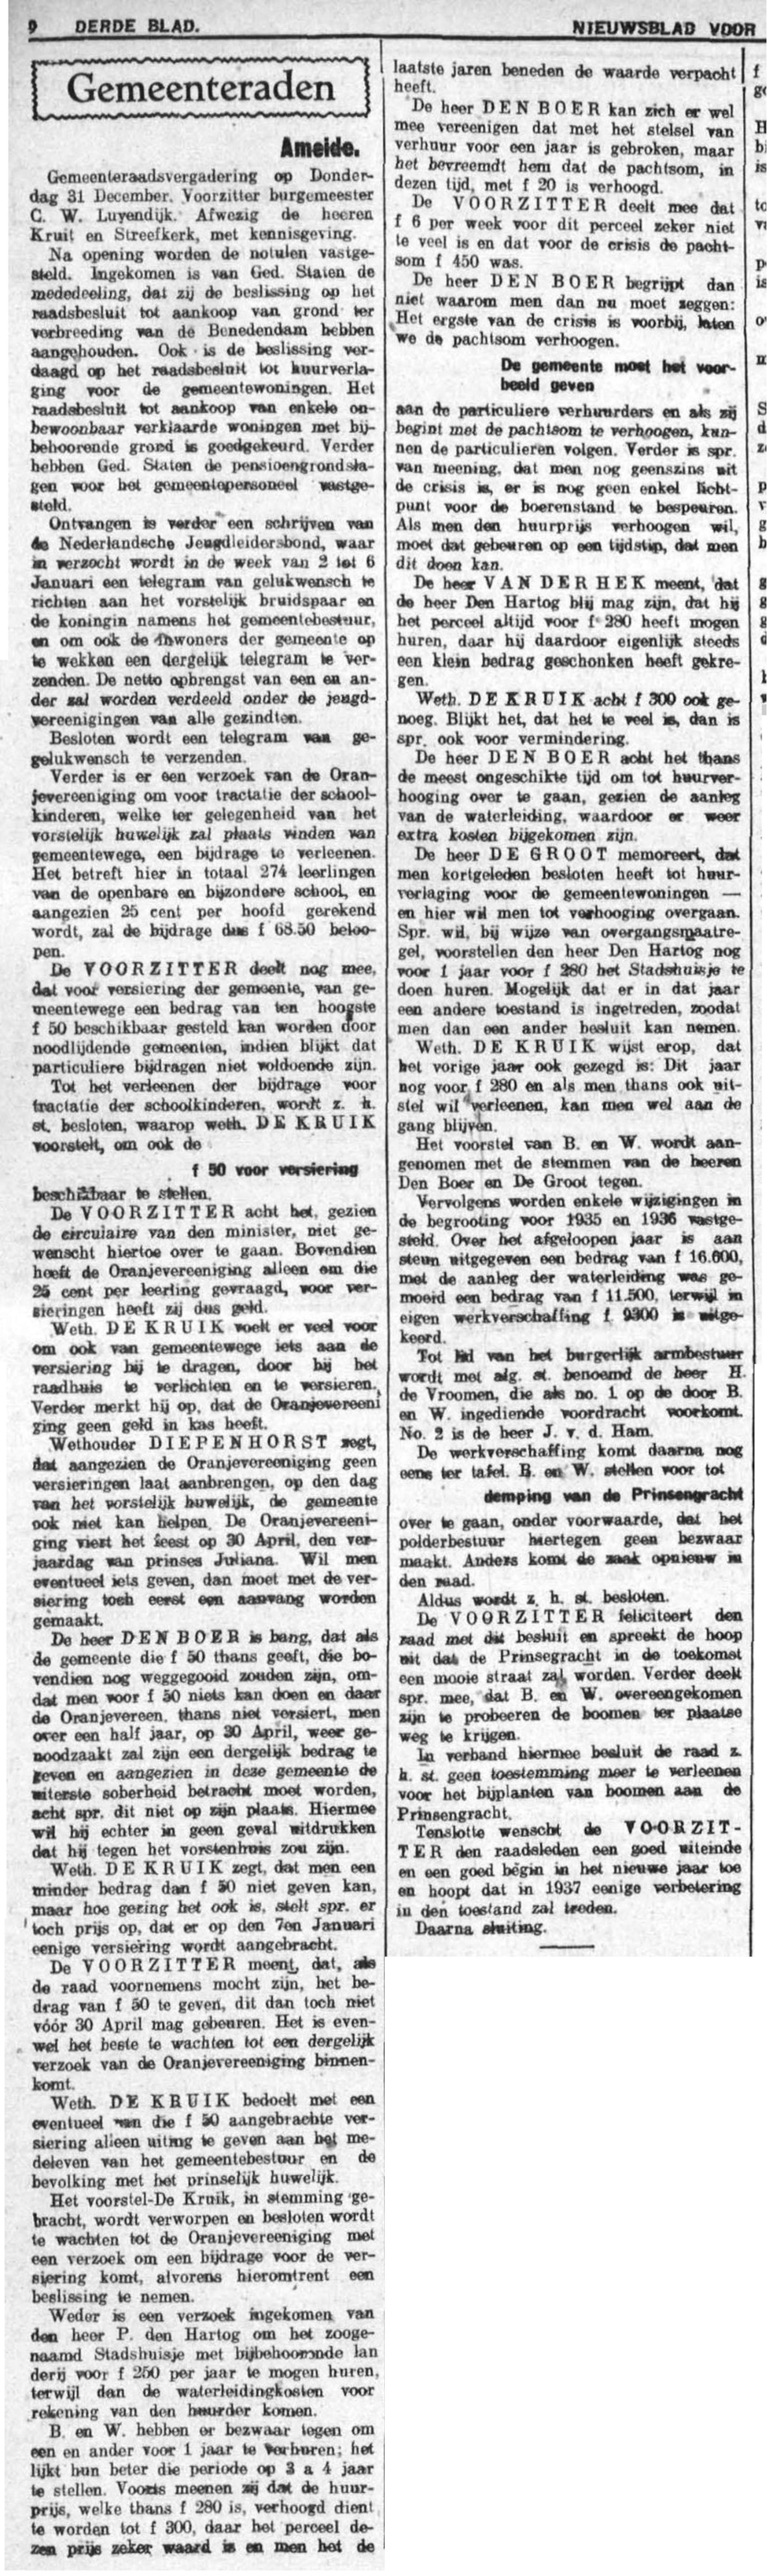 Schoonhovensche Courant 07767 1937-02-03 artikel 02